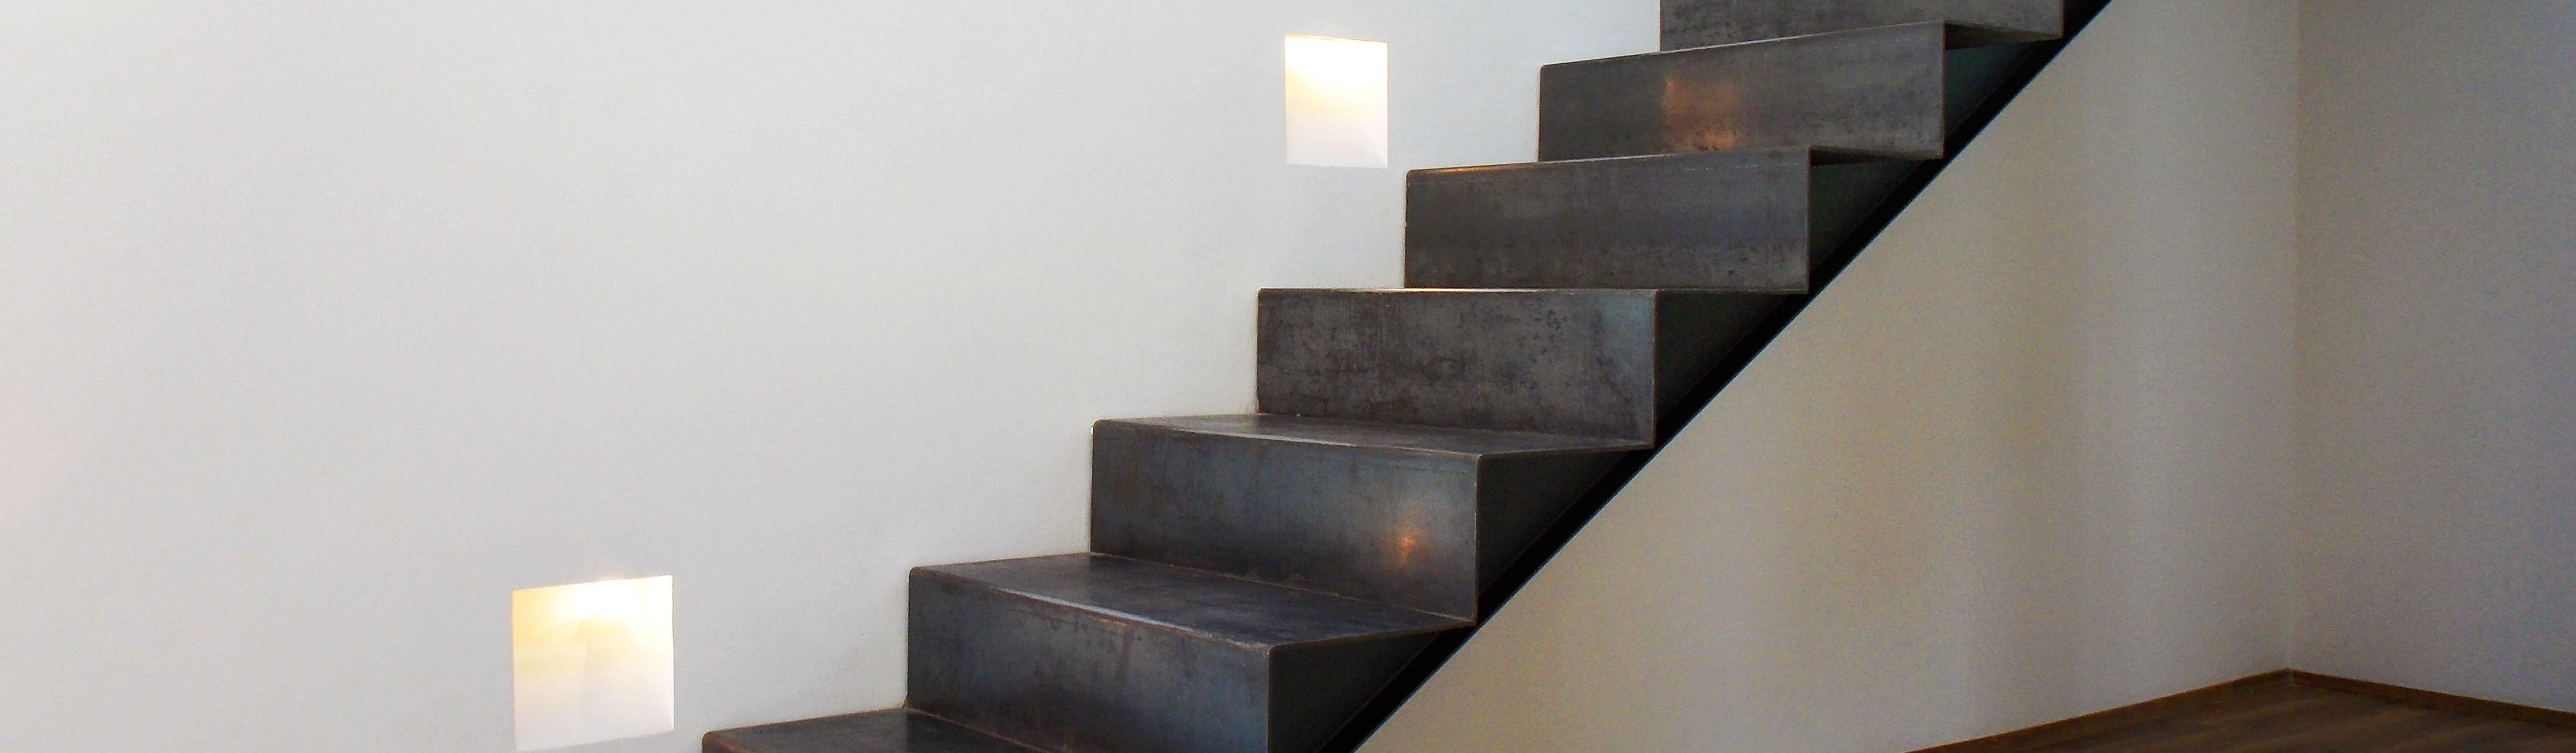 Ztudio arquitectura arquitectos en m xico homify for Homify mexico